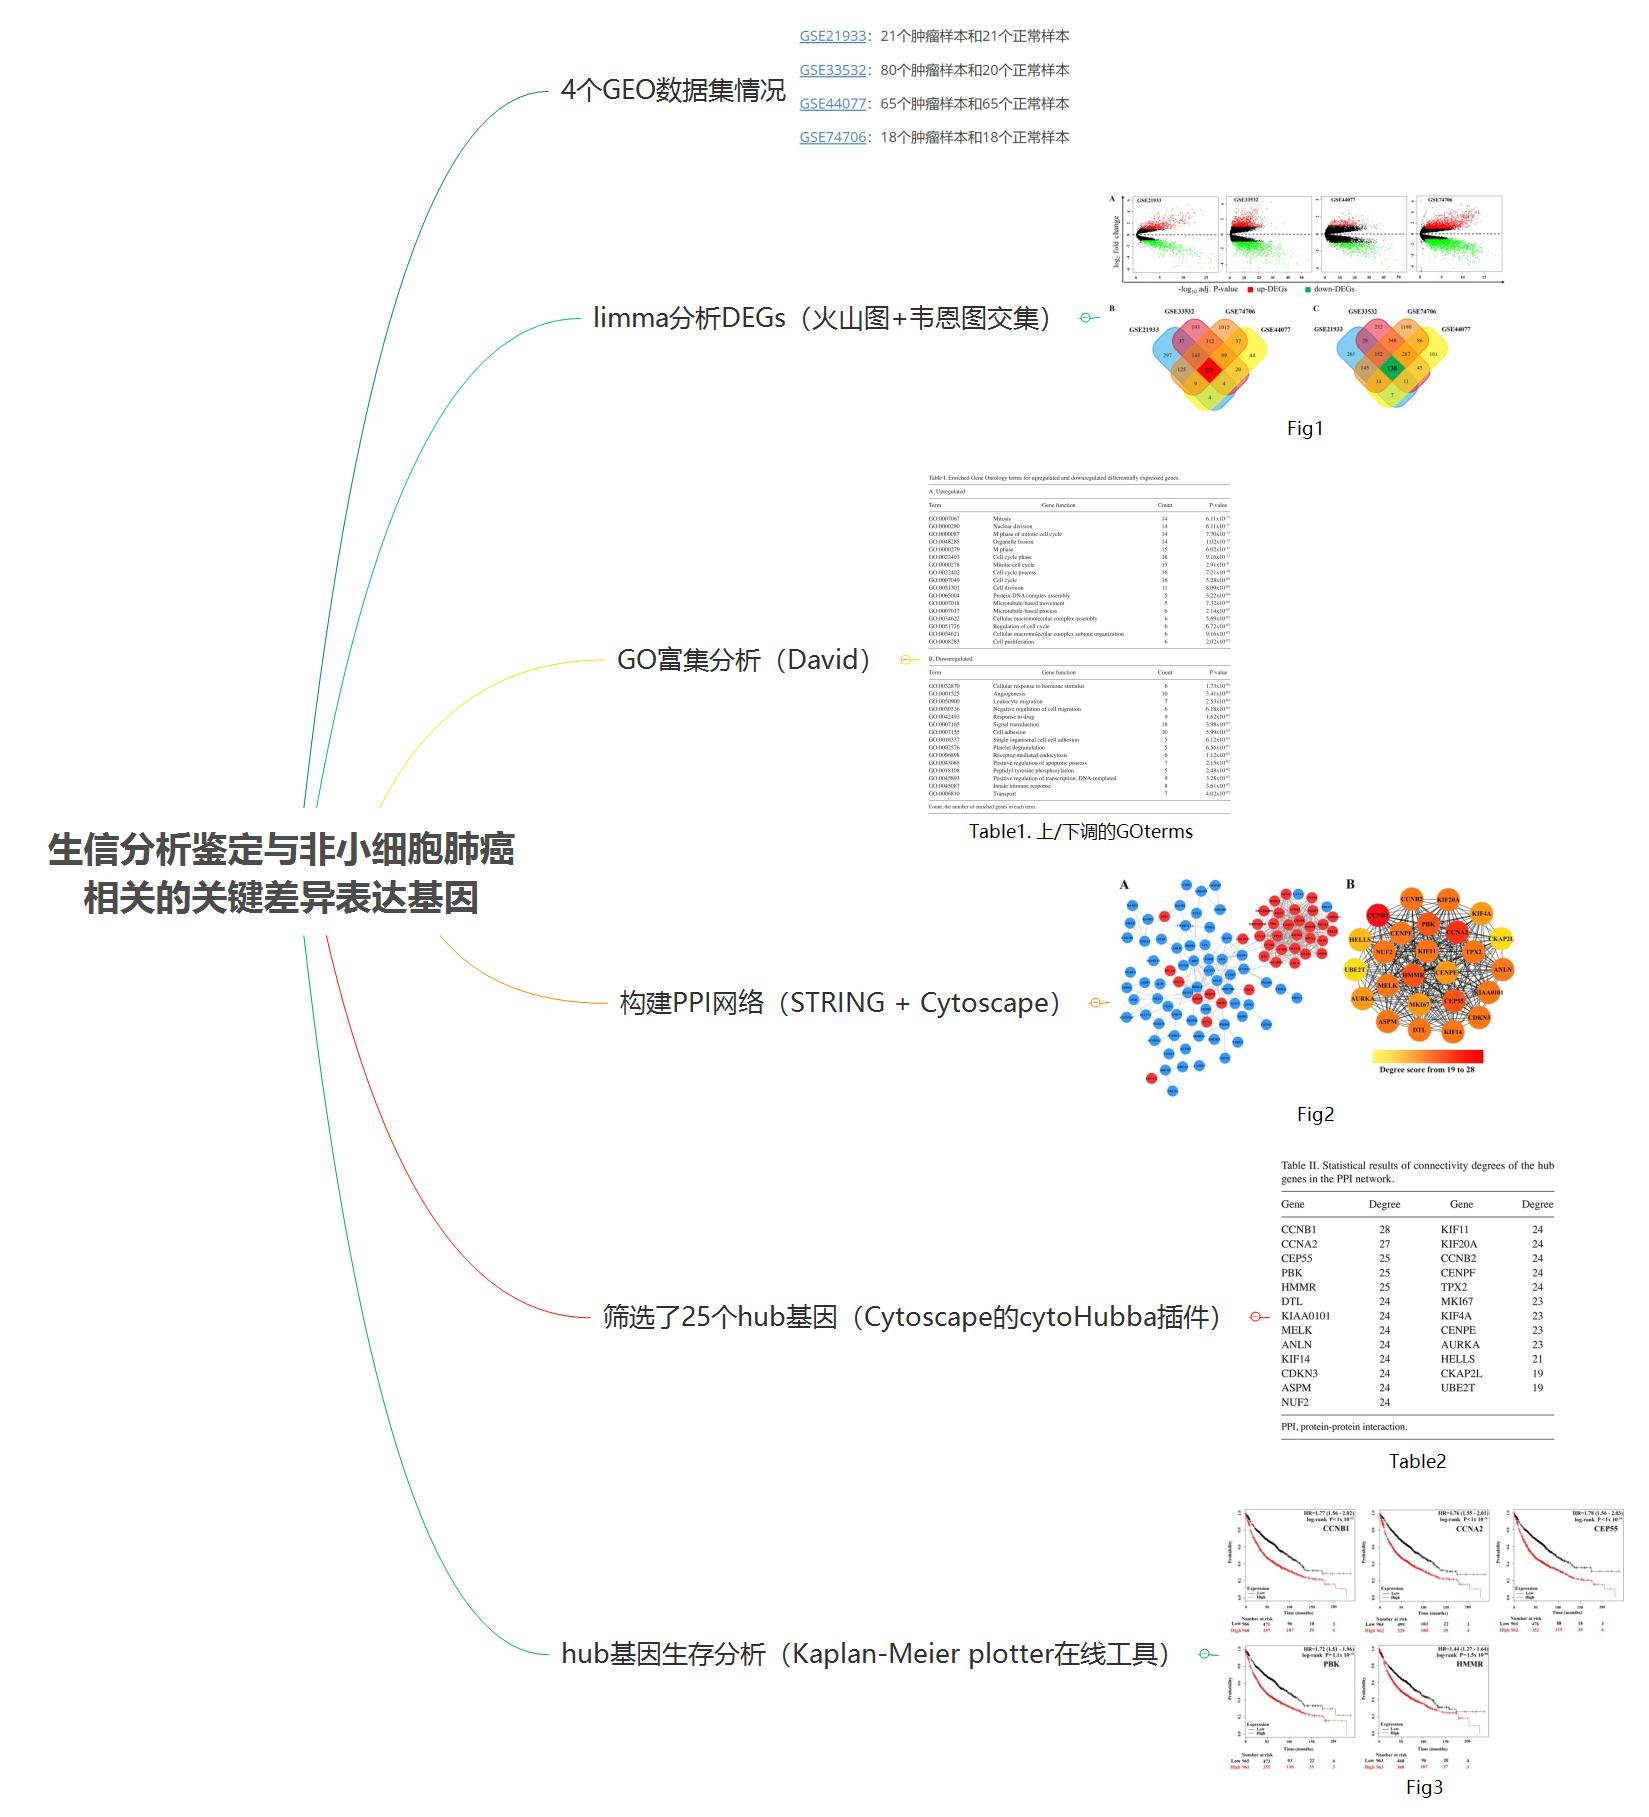 生信分析鉴定与非小细胞肺癌相关的关键差异表达基因.png